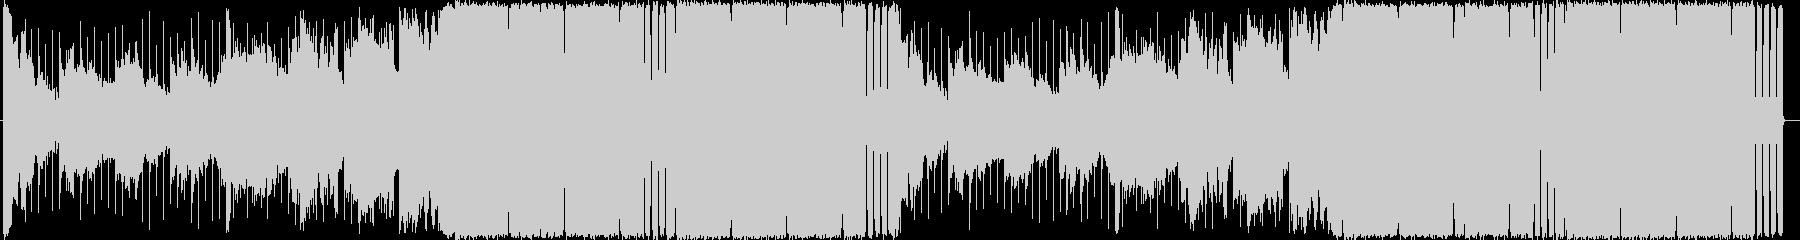 4つ打ちハウス/EDMのお洒落な曲ロングの未再生の波形